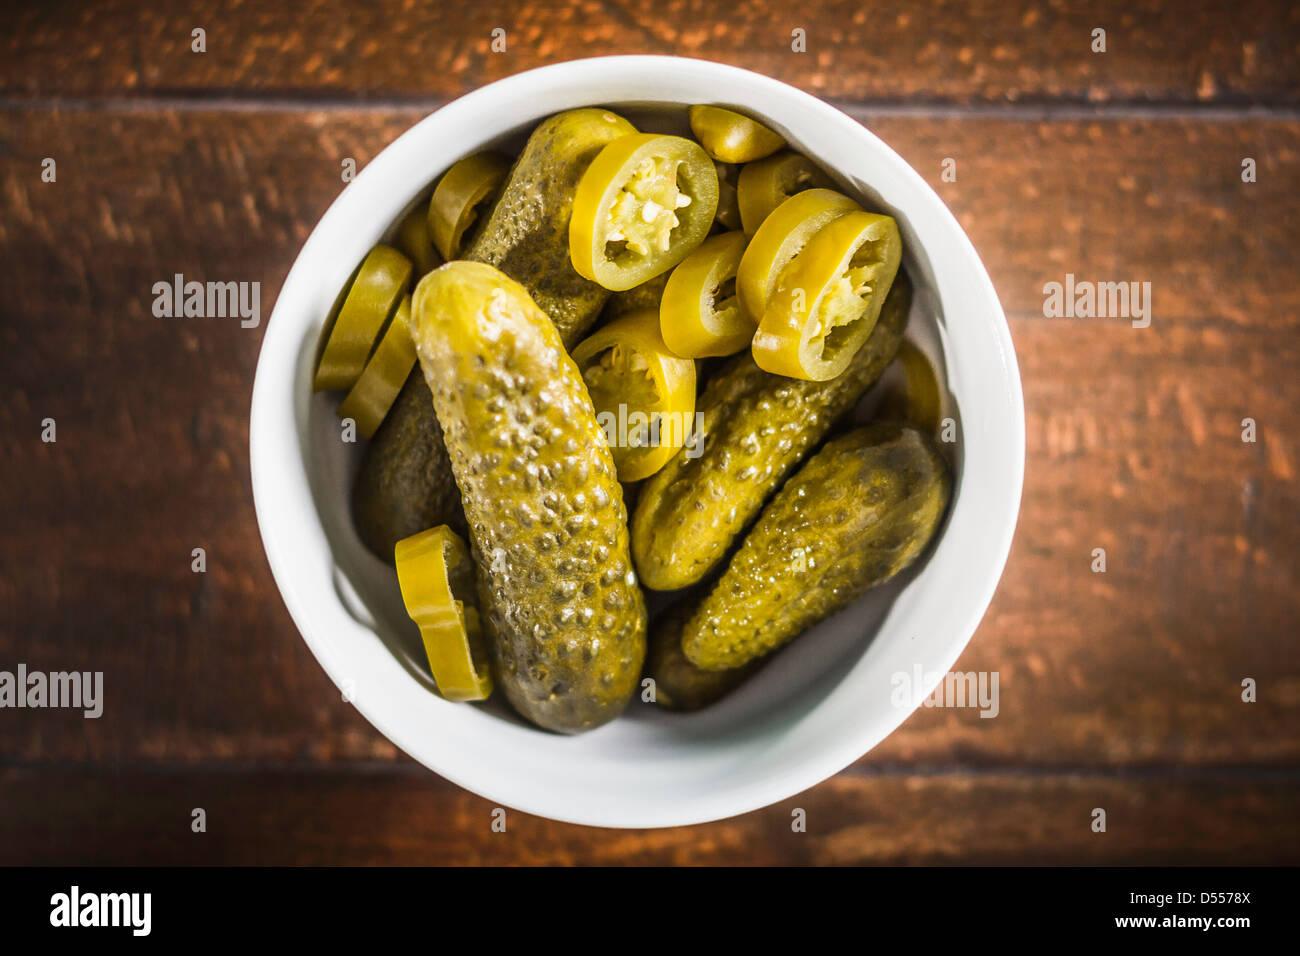 Schüssel mit Gurken und Paprika Scheiben Stockfoto